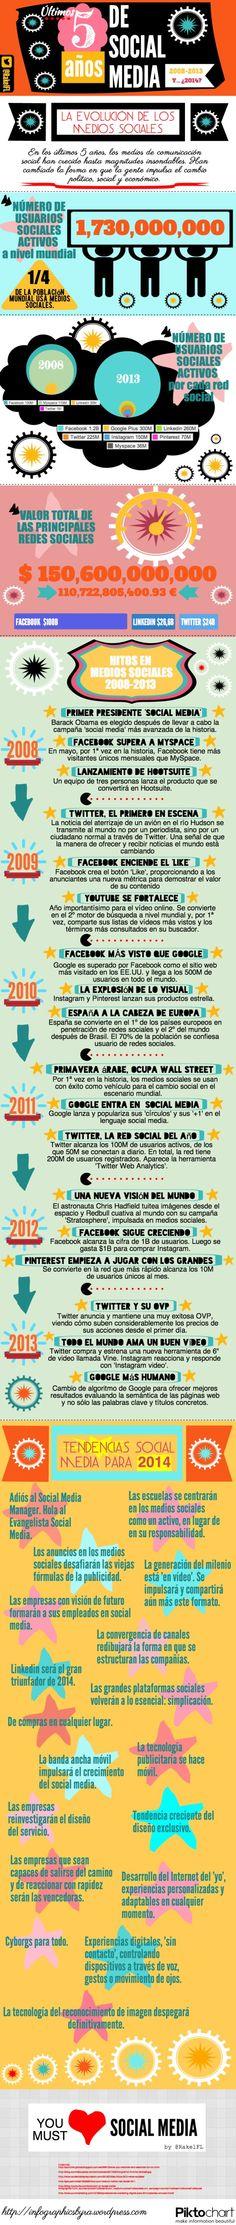 Los últimos 5 años del Social Media